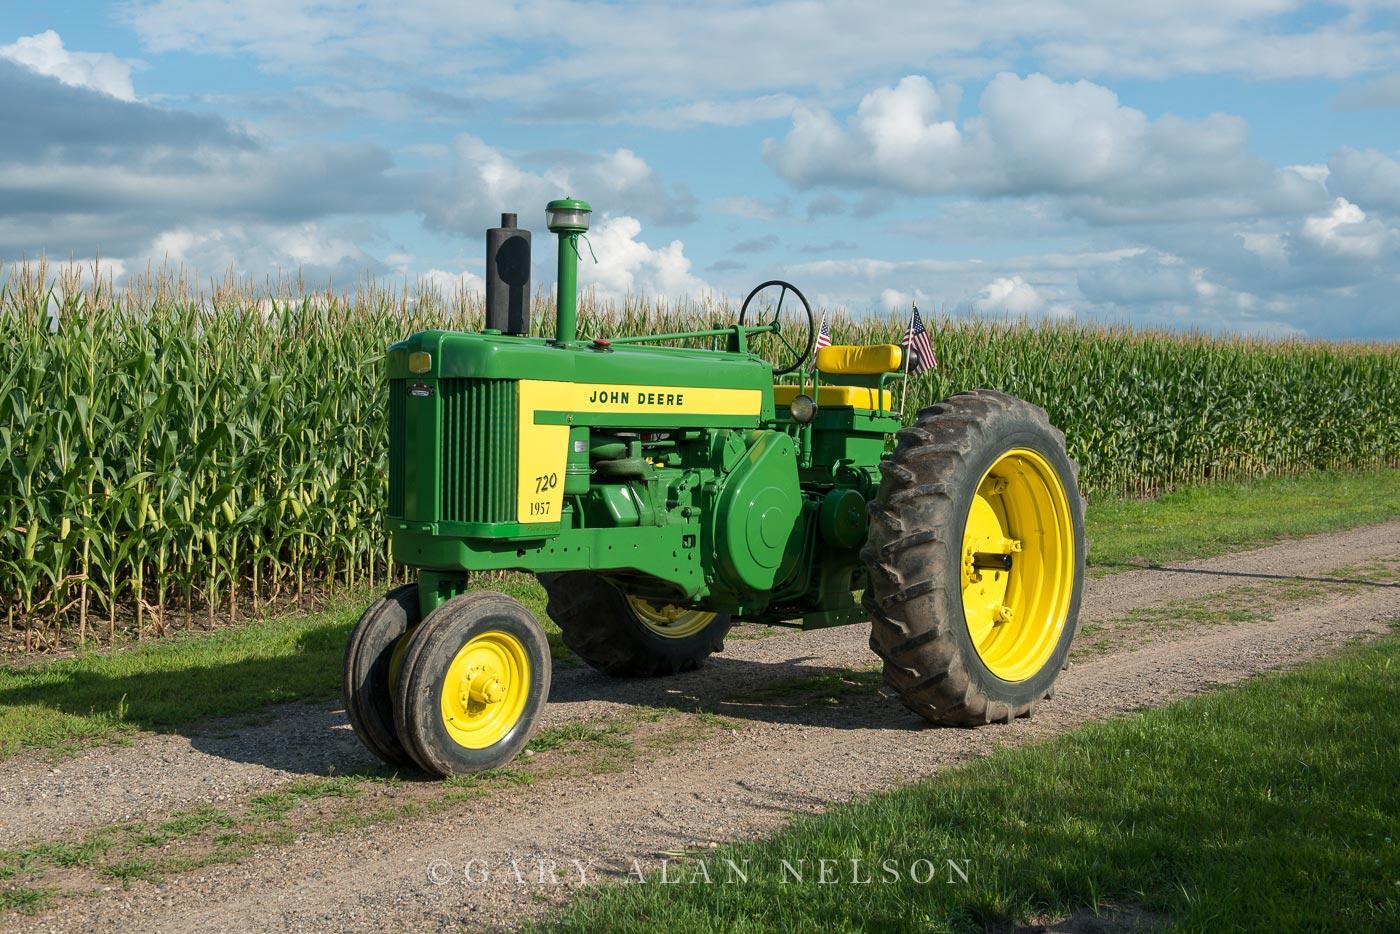 1957 John Deere 720 Diesel